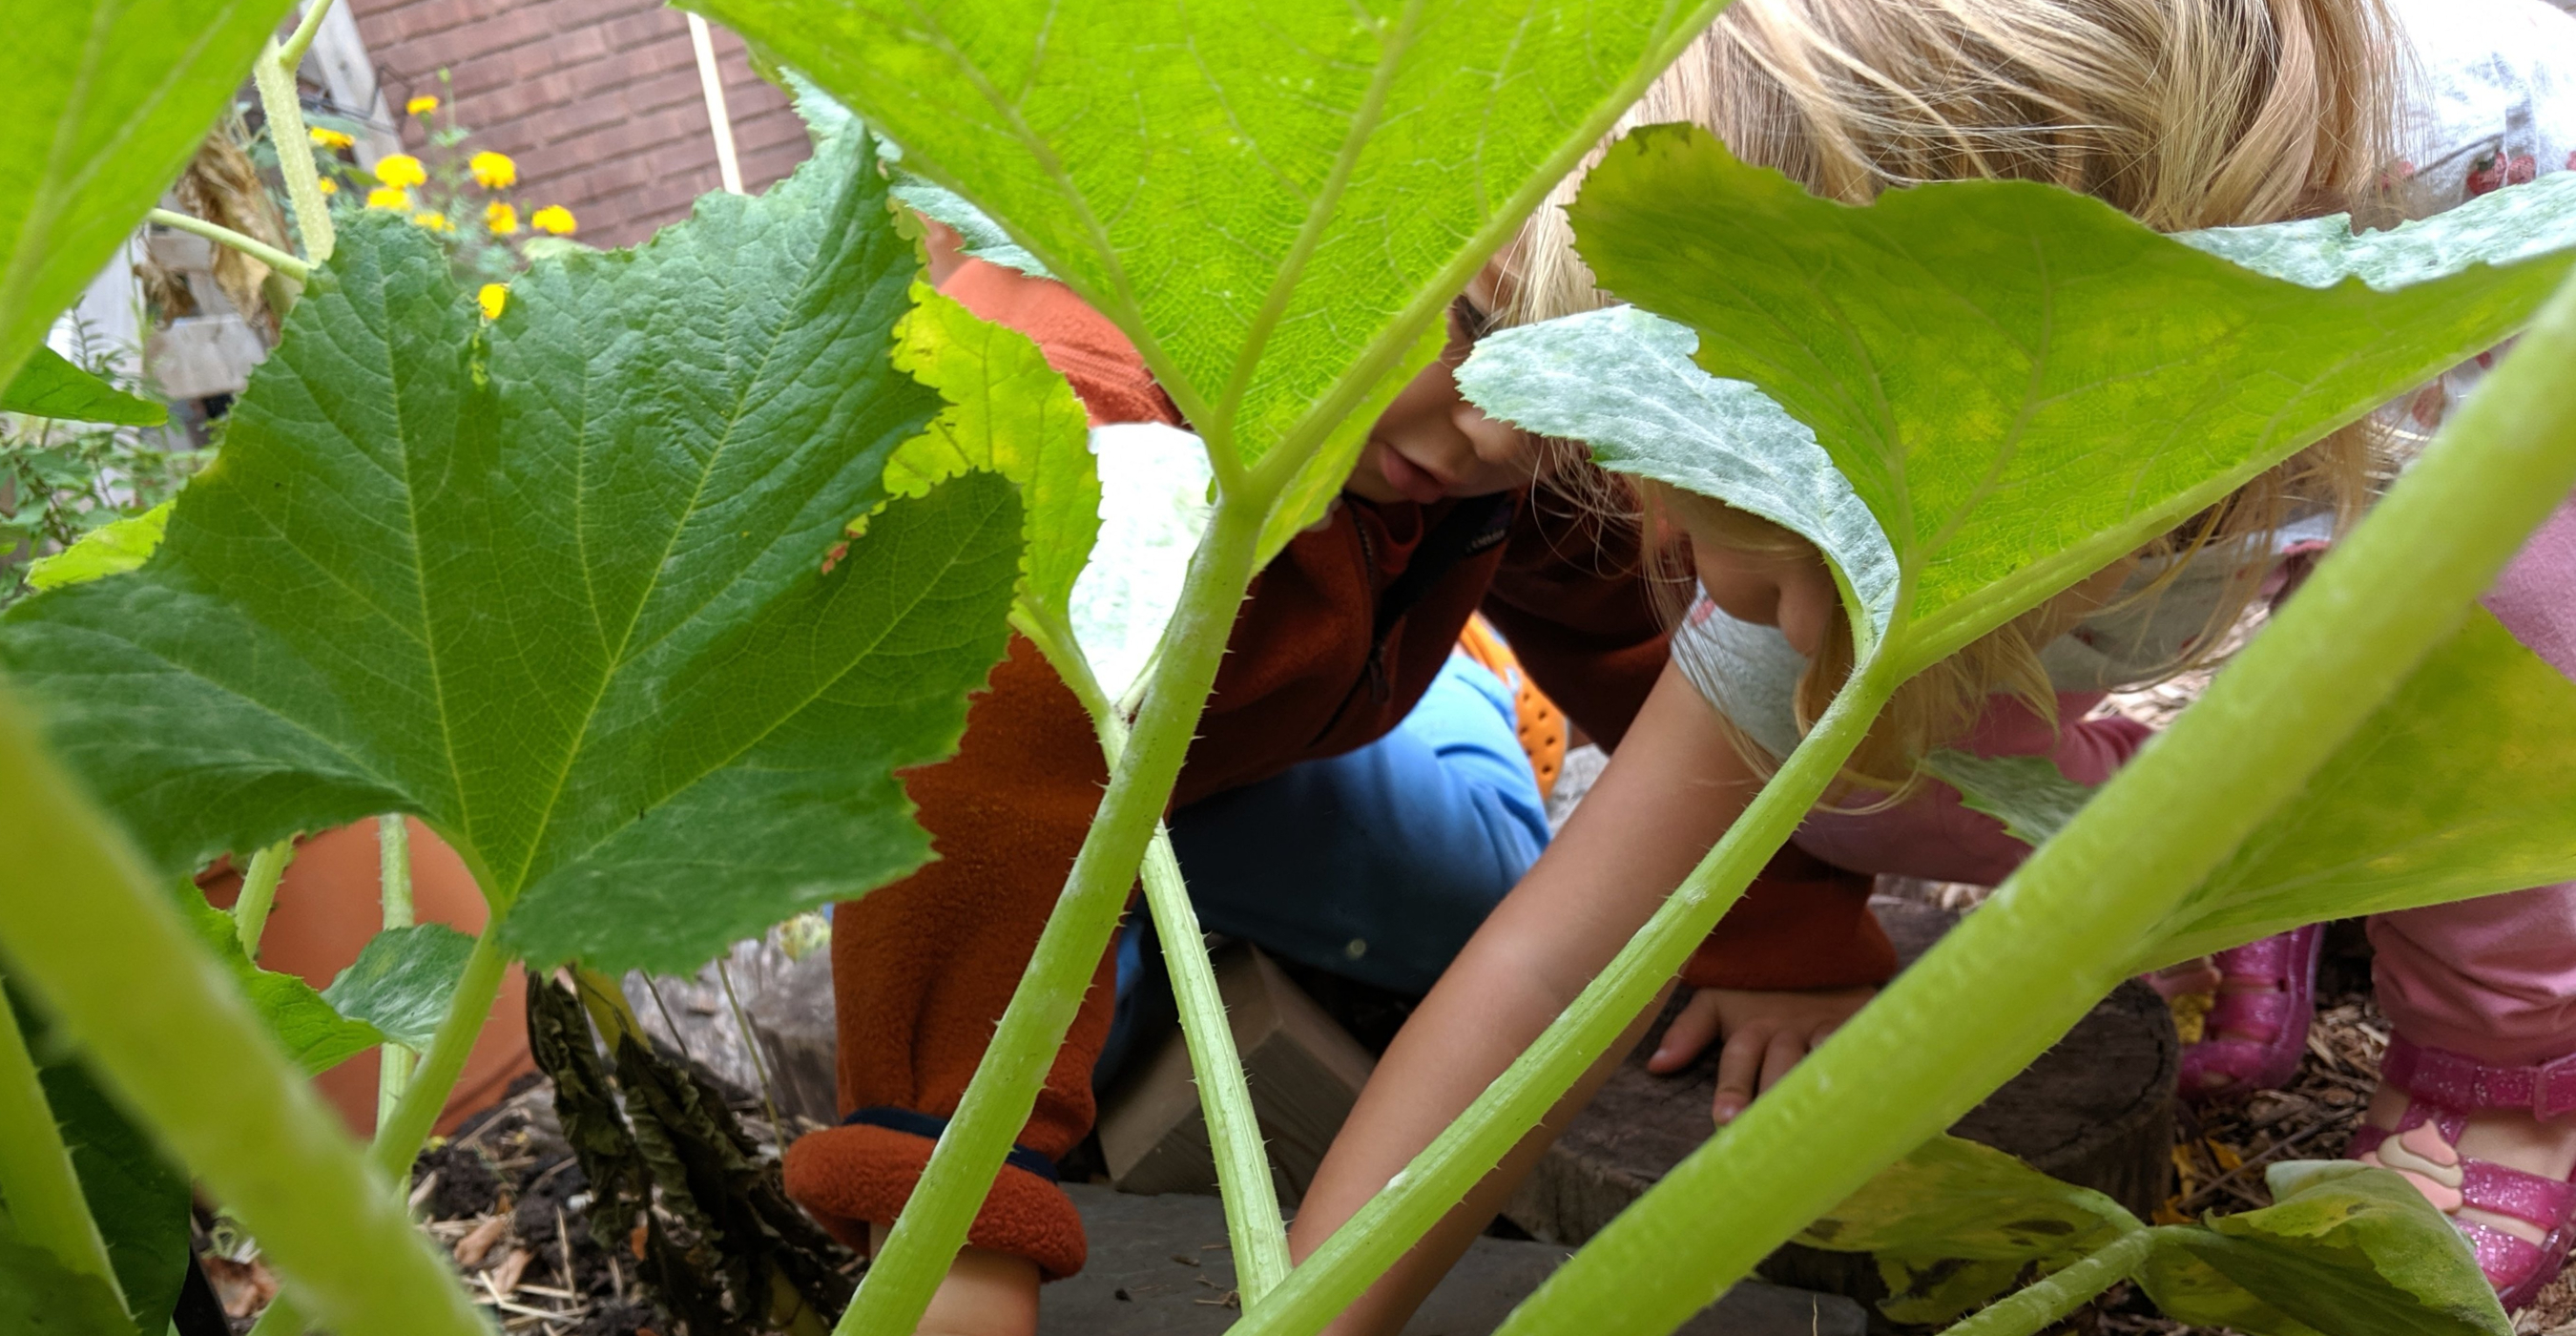 """<a href=""""https://www.beaconhebrewalliance.org/form/garden-camp-registration-2021.html""""                                     target=""""_blank"""">                                                                 <span class=""""slider_title"""">                                     Preschool Garden Camp                                </span>                                                                 </a>                                                                                                                                                                                       <span class=""""slider_description"""">Join BHA Preschool for Summer Garden Camp - a Jewish, nature-play program for 2-4 year olds.</span>                                                                                     <a href=""""https://www.beaconhebrewalliance.org/form/garden-camp-registration-2021.html"""" class=""""slider_link""""                             target=""""_blank"""">                             Register Now                            </a>"""